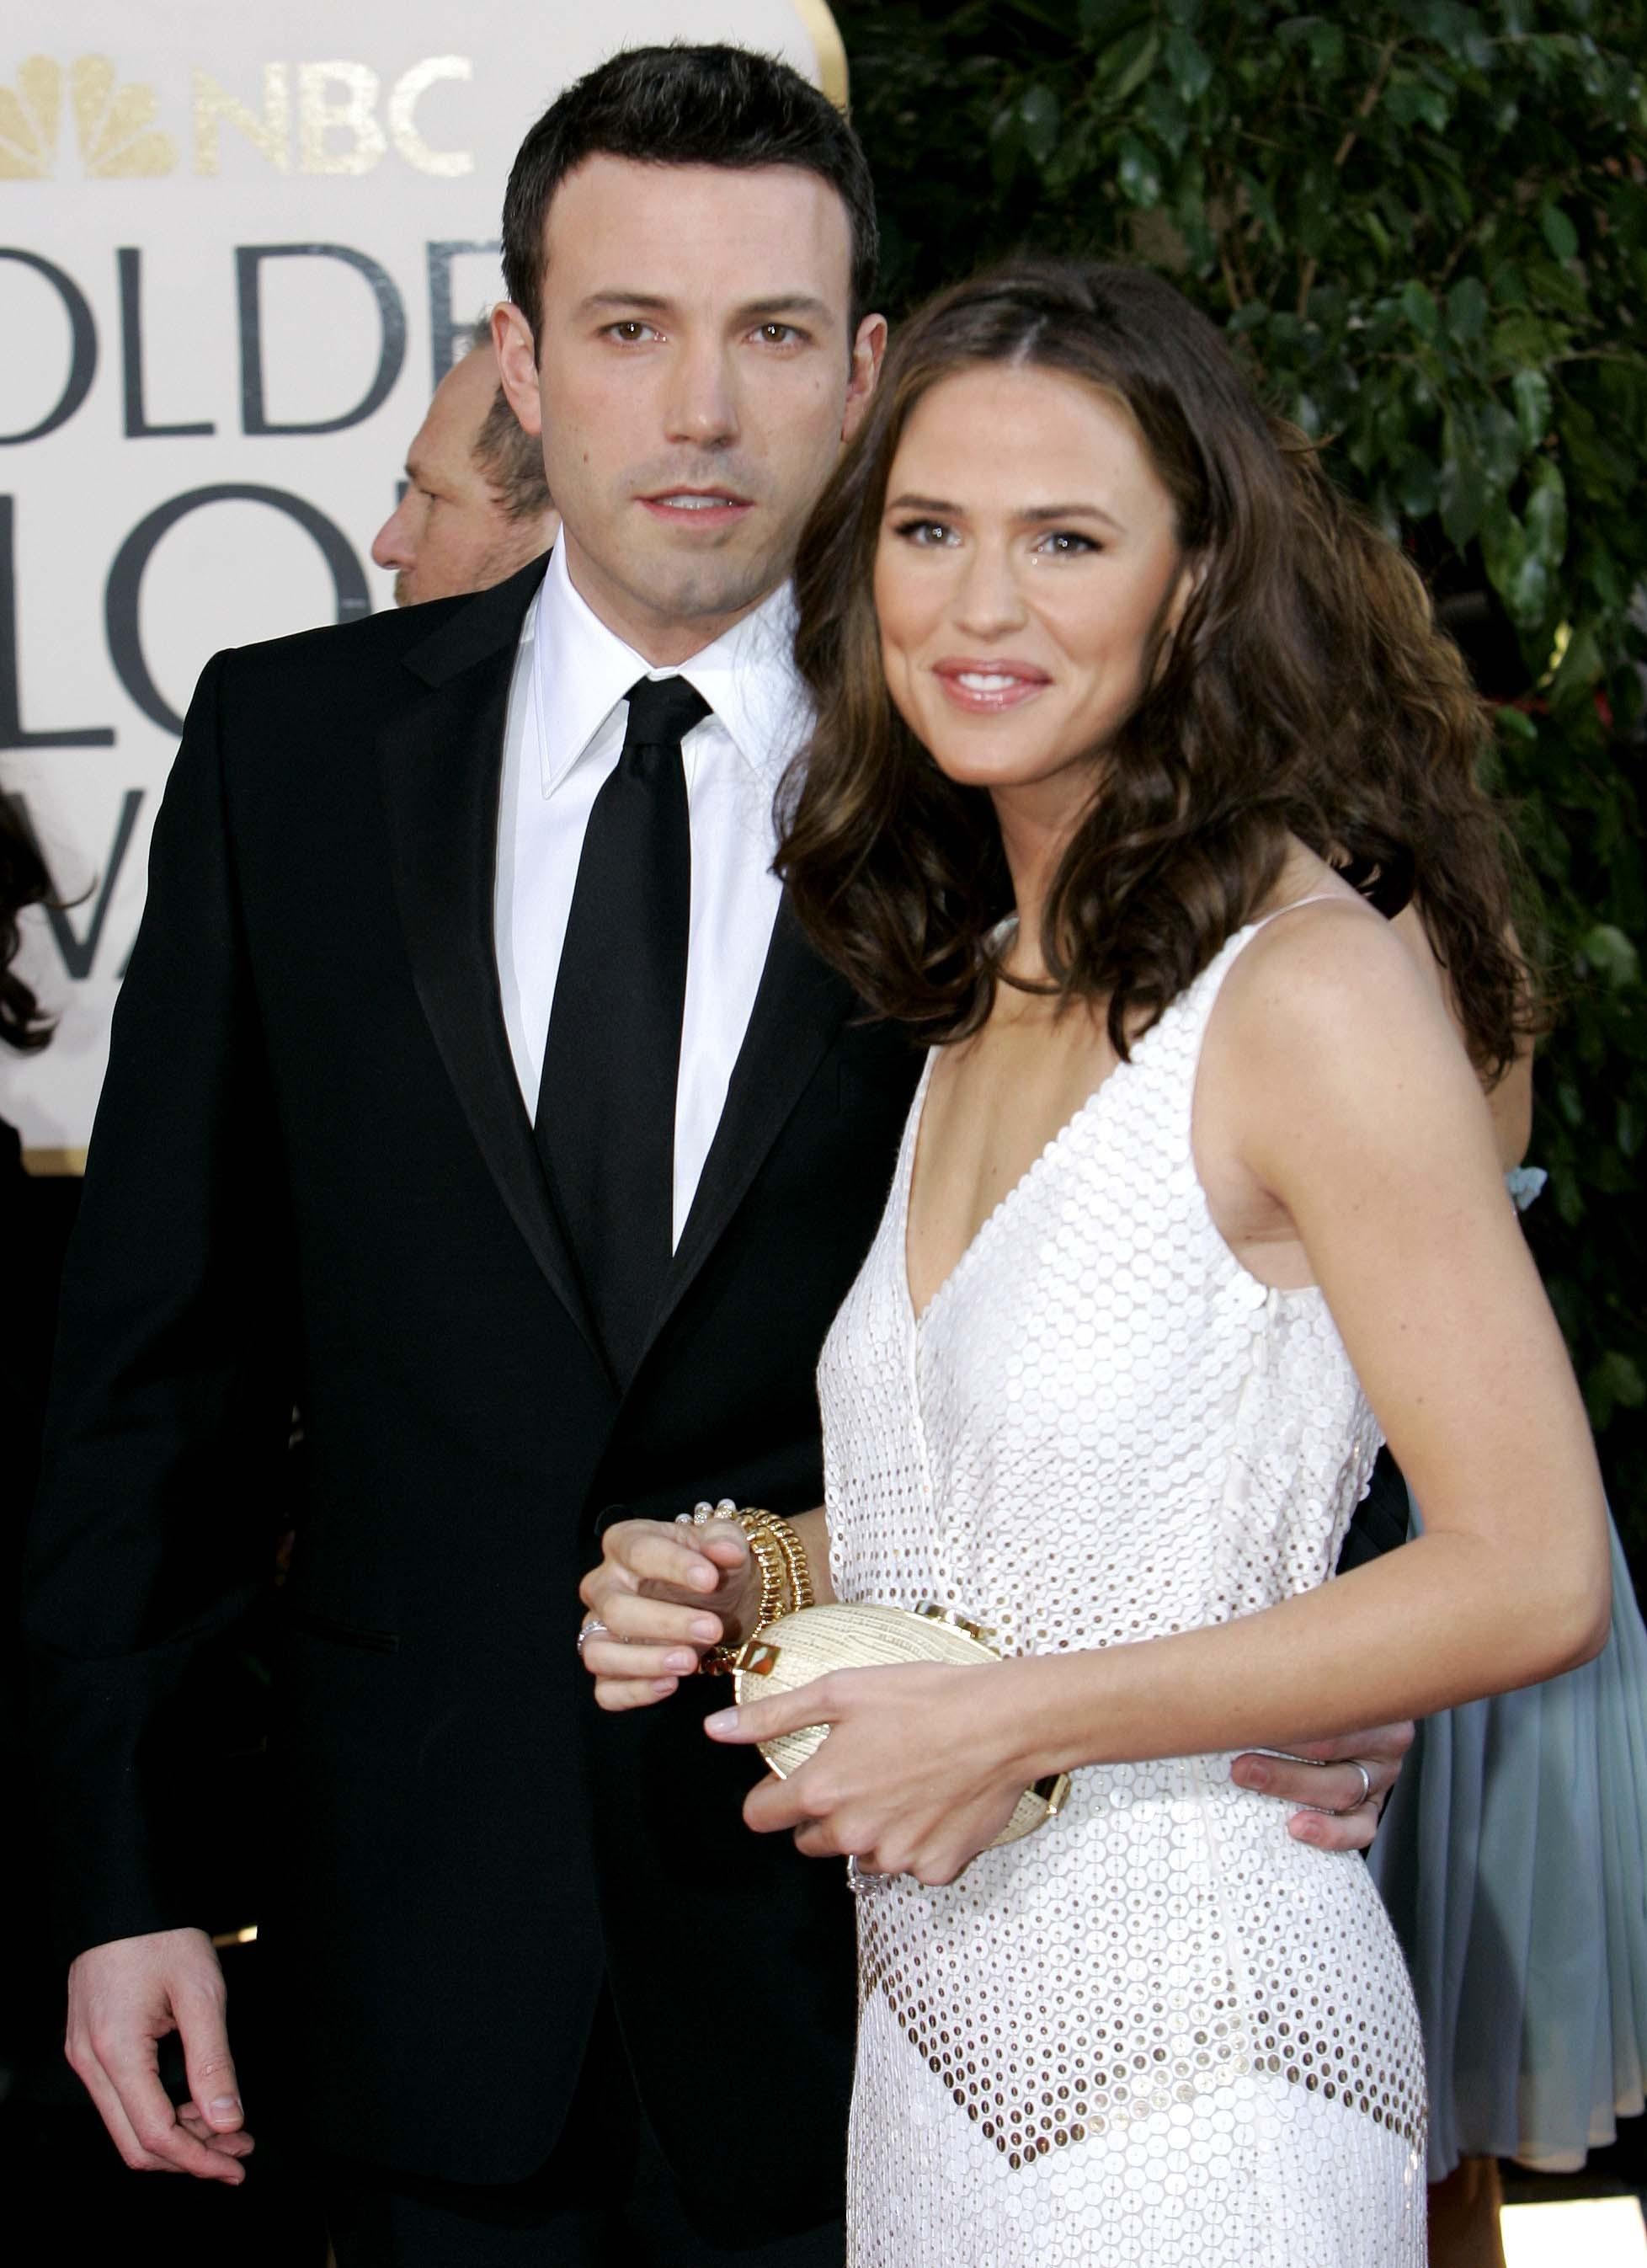 Jennifer Garner white dress Ben Affleck black suit